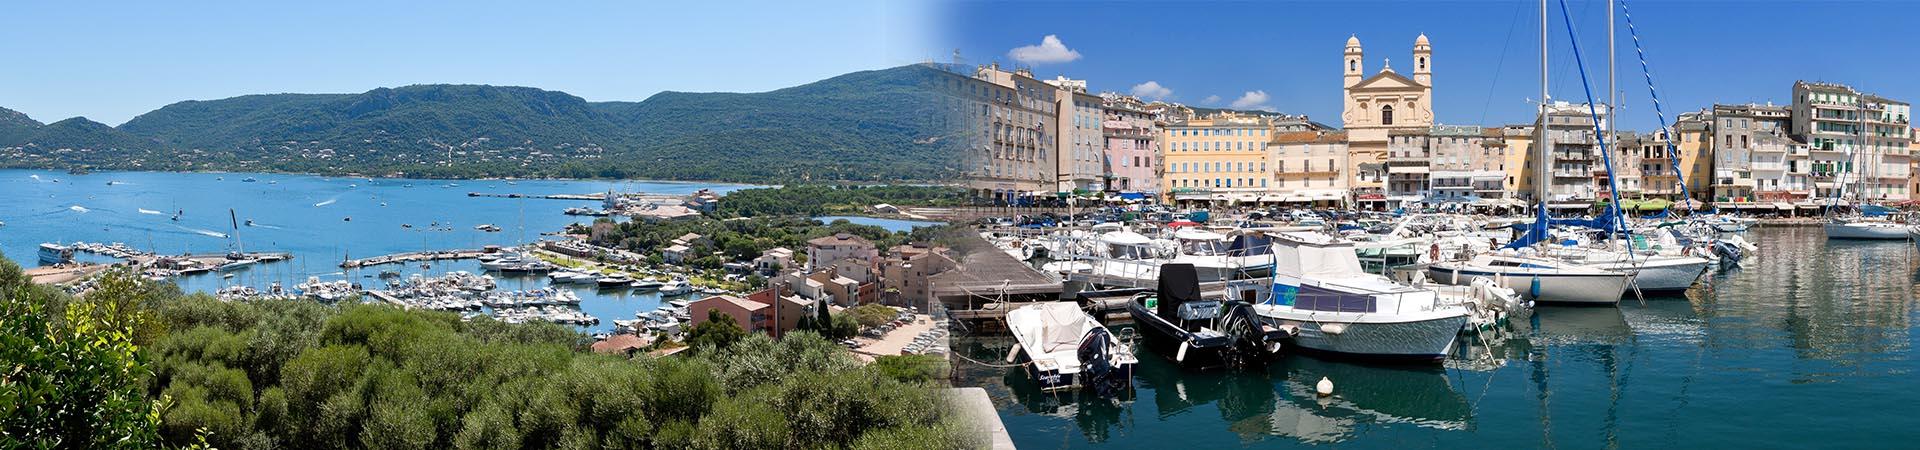 Horaires de la ligne bastia porto vecchio rapides bleus - Office tourisme solenzara ...